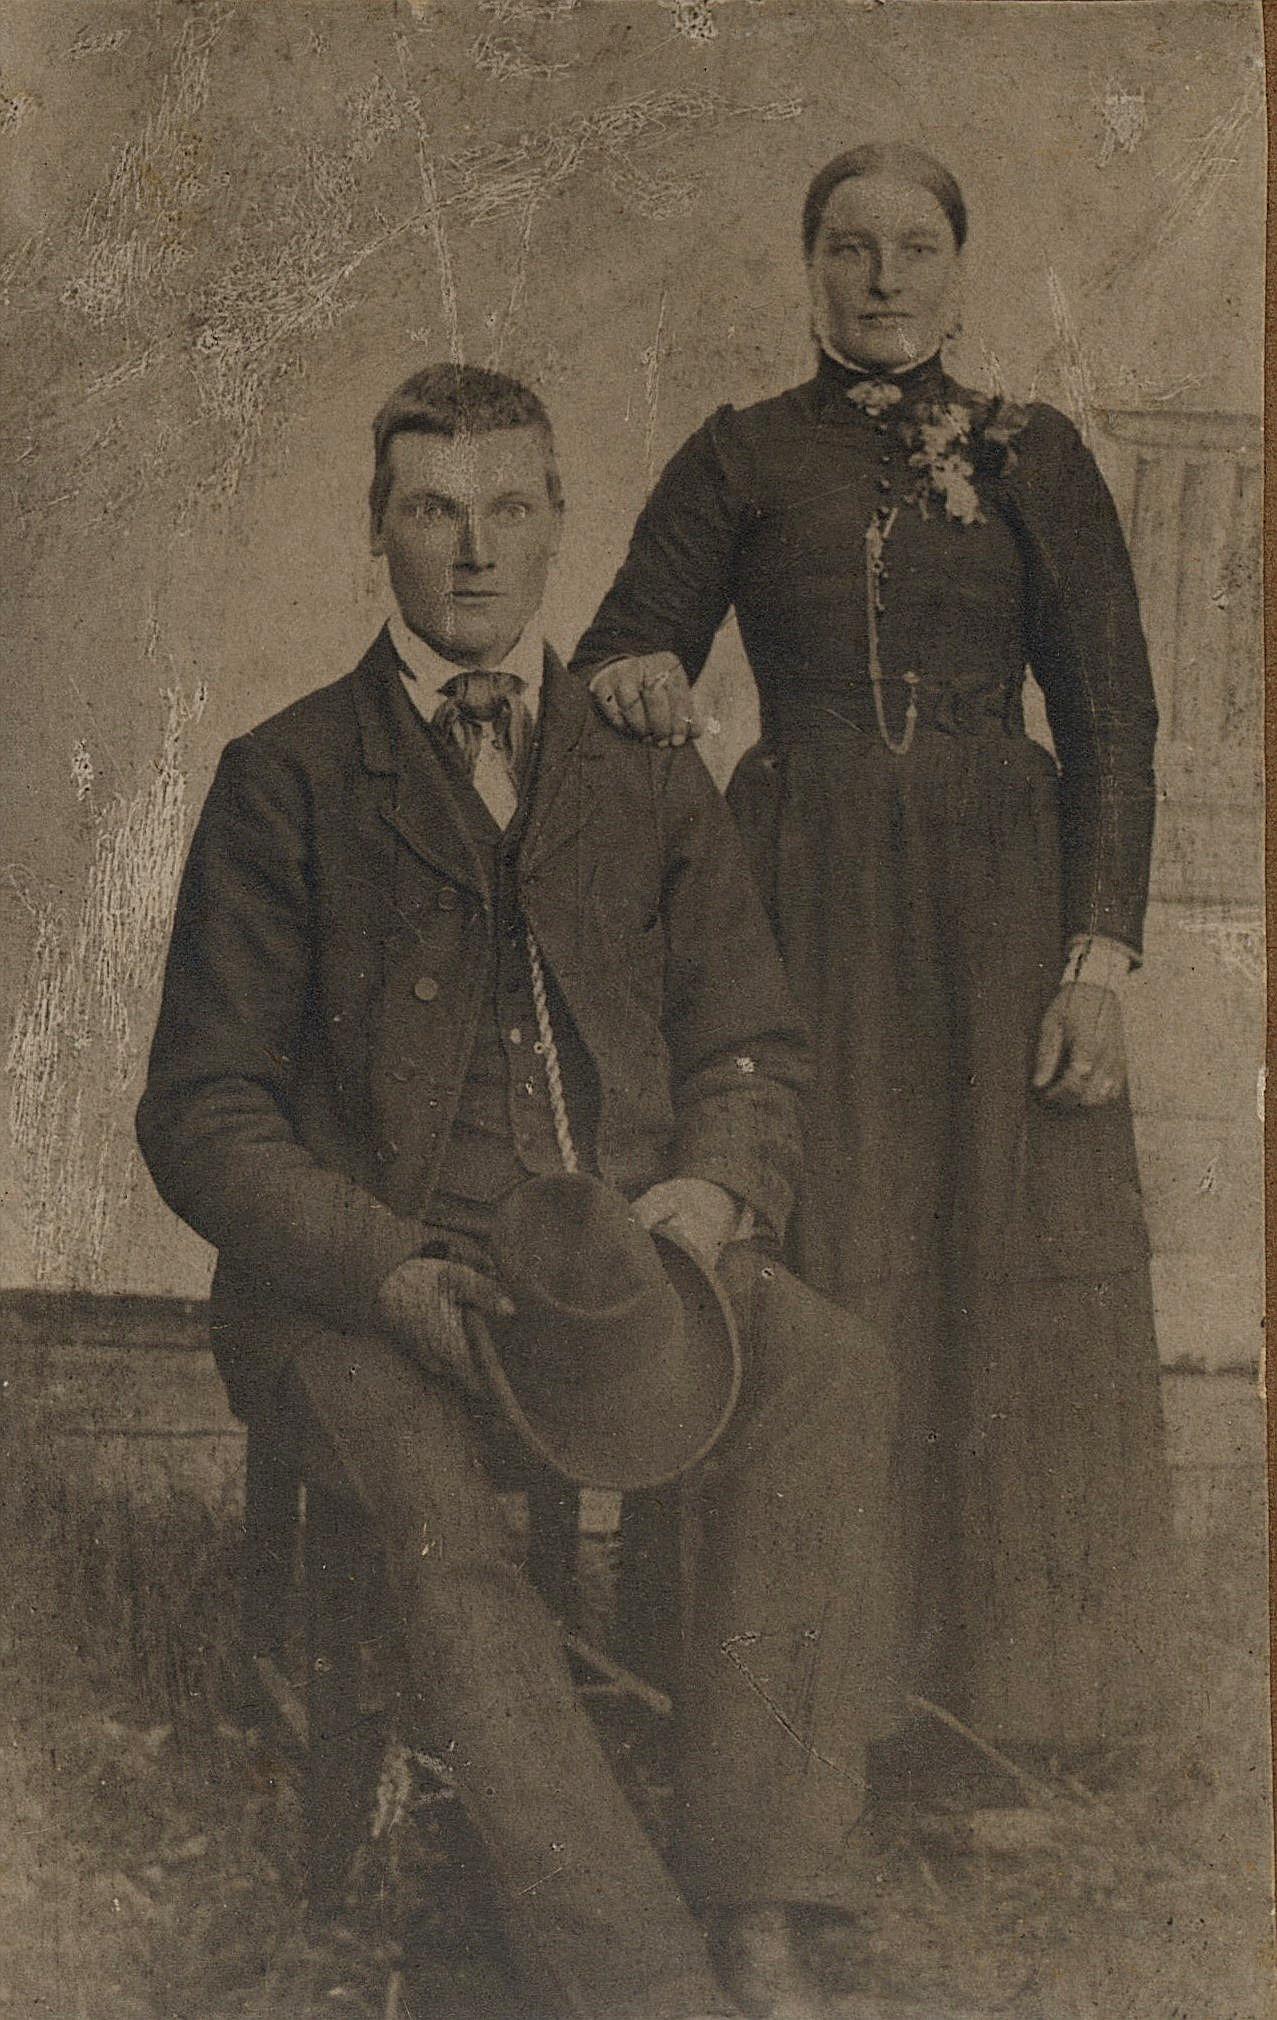 """På bilden Artur Mitts pappa Karl Henrik Mitts och hans första hustru Amanda f. Äbb. Efter Amandas död emigrerade Karl Henrik till Amerika och var där i många år men återvände sedan i slutet på 1920-talet och flyttade till Kias-kroken i Dagsmark. Han kallades vanligtvis för """"Viiras-Kaalhindrik""""."""